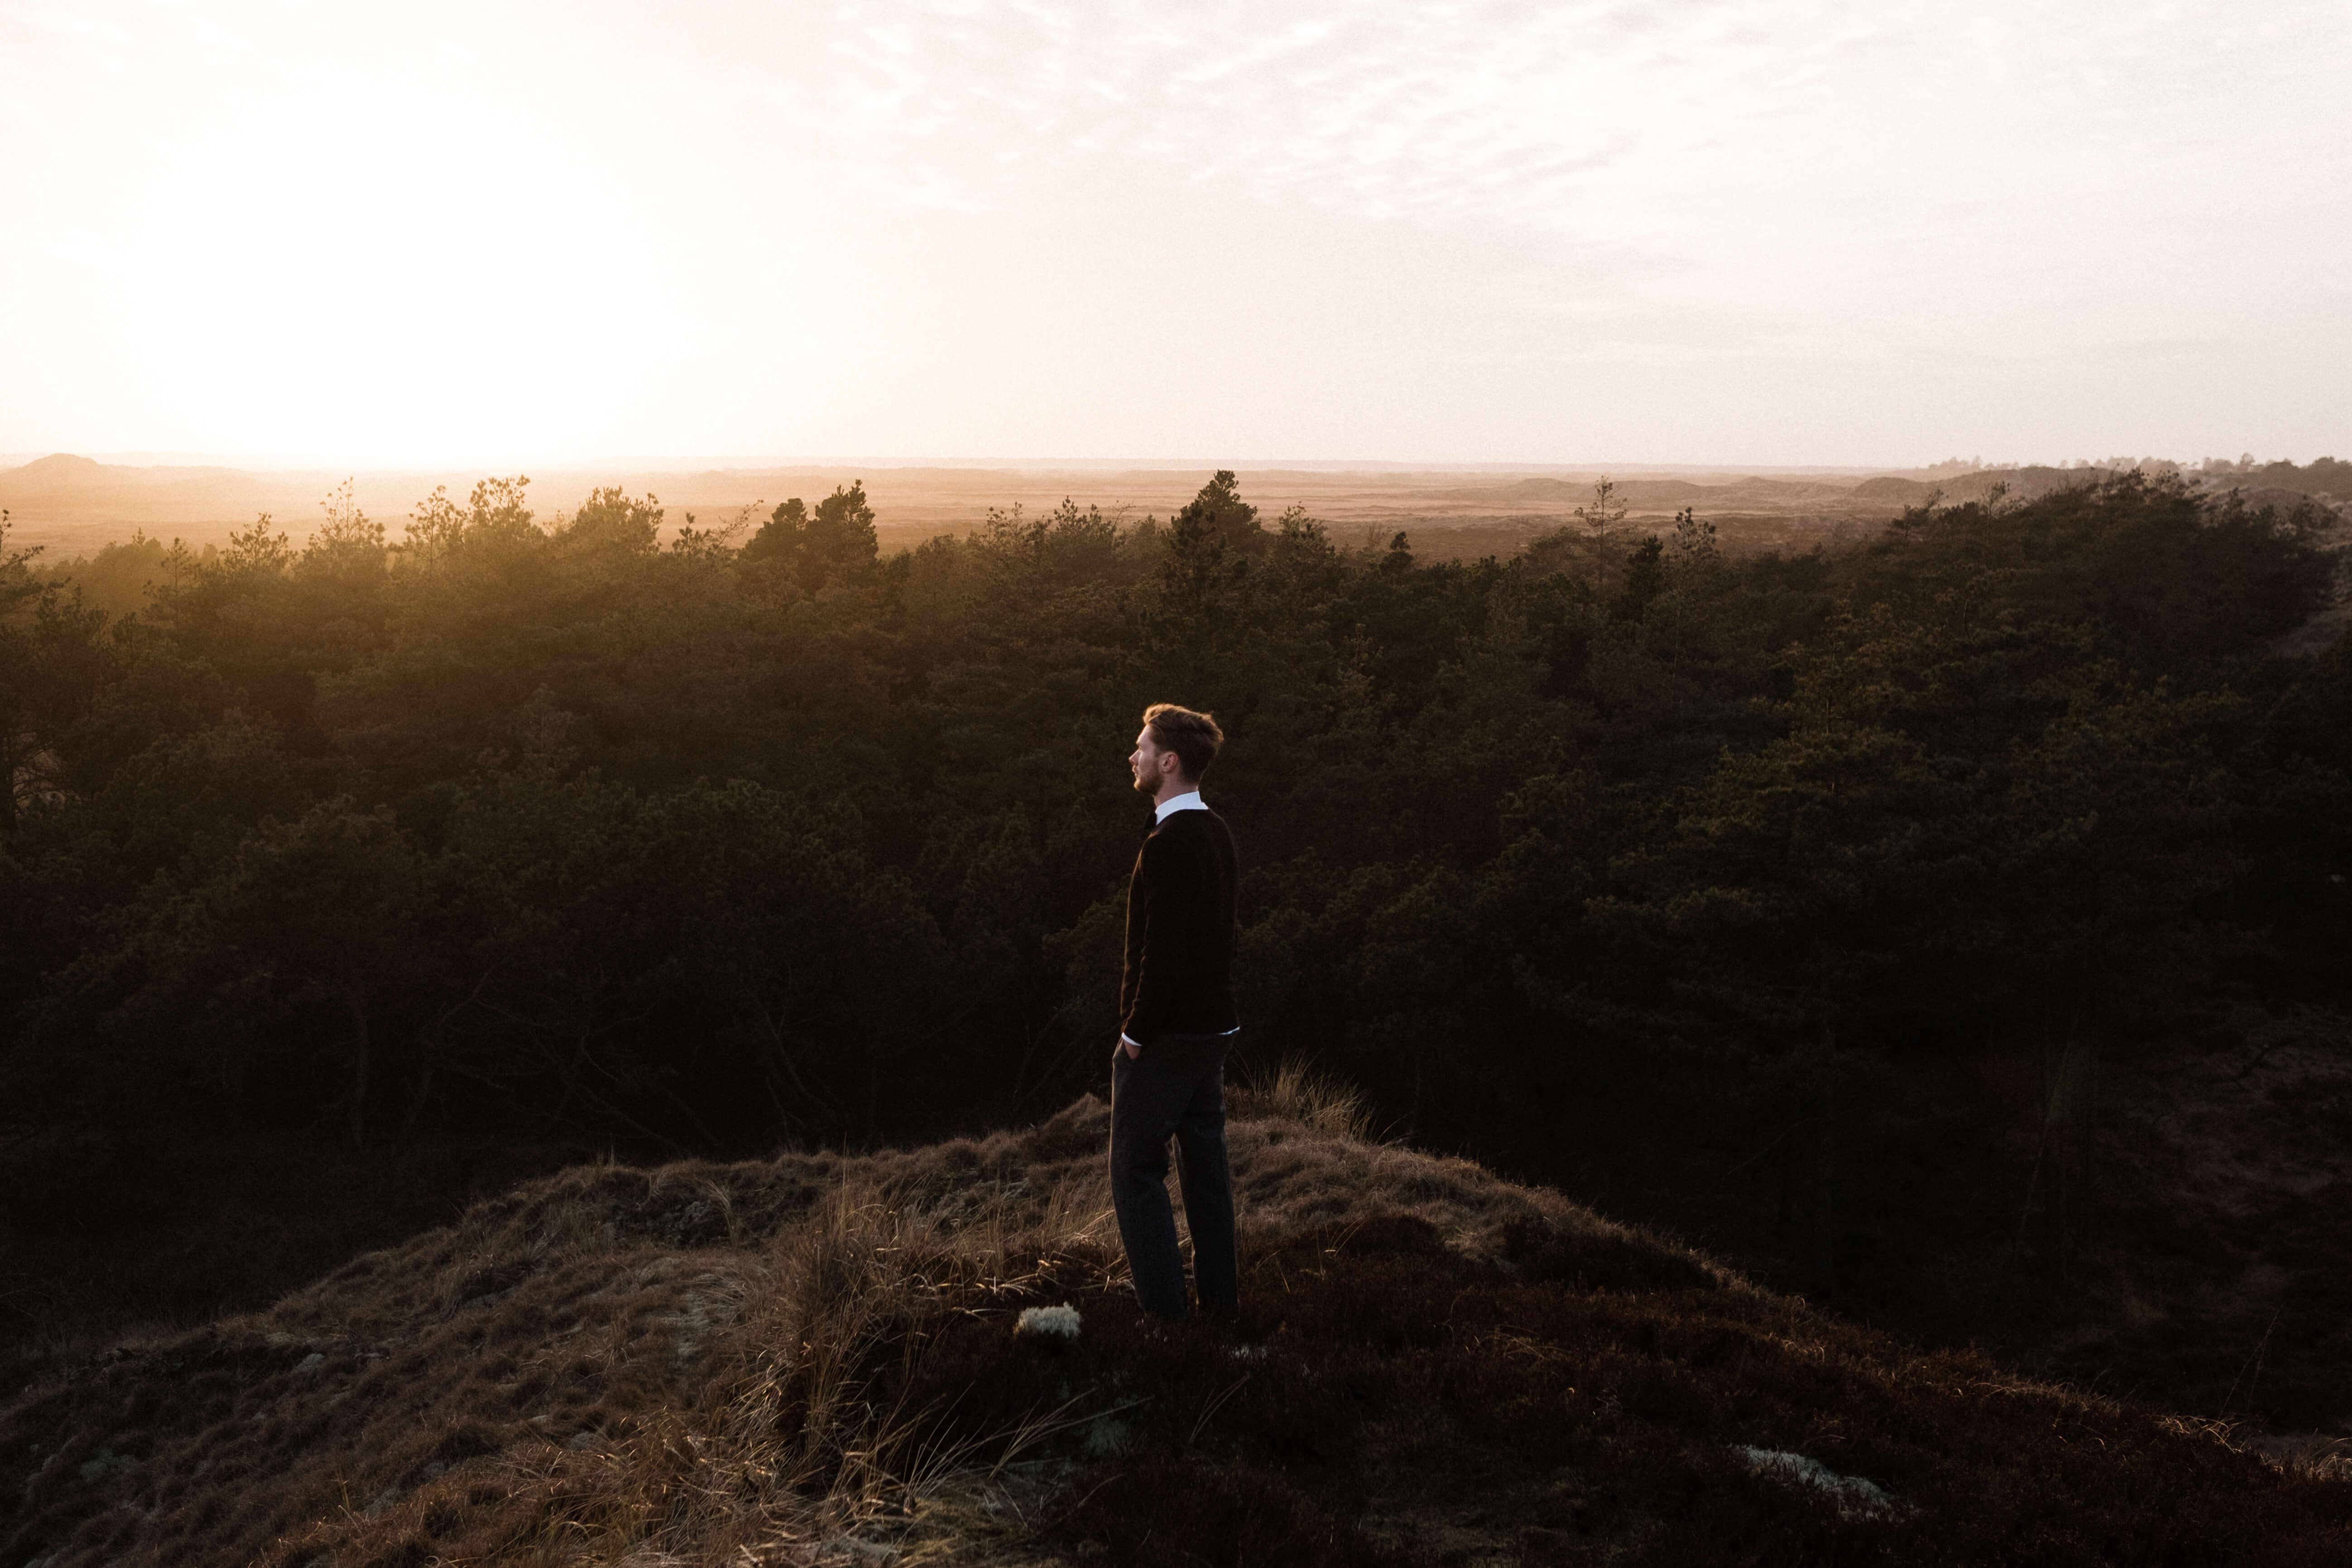 Zu sehen ist ein Mann, der auf einem Berg steht. Die Sonne geht fast unter.